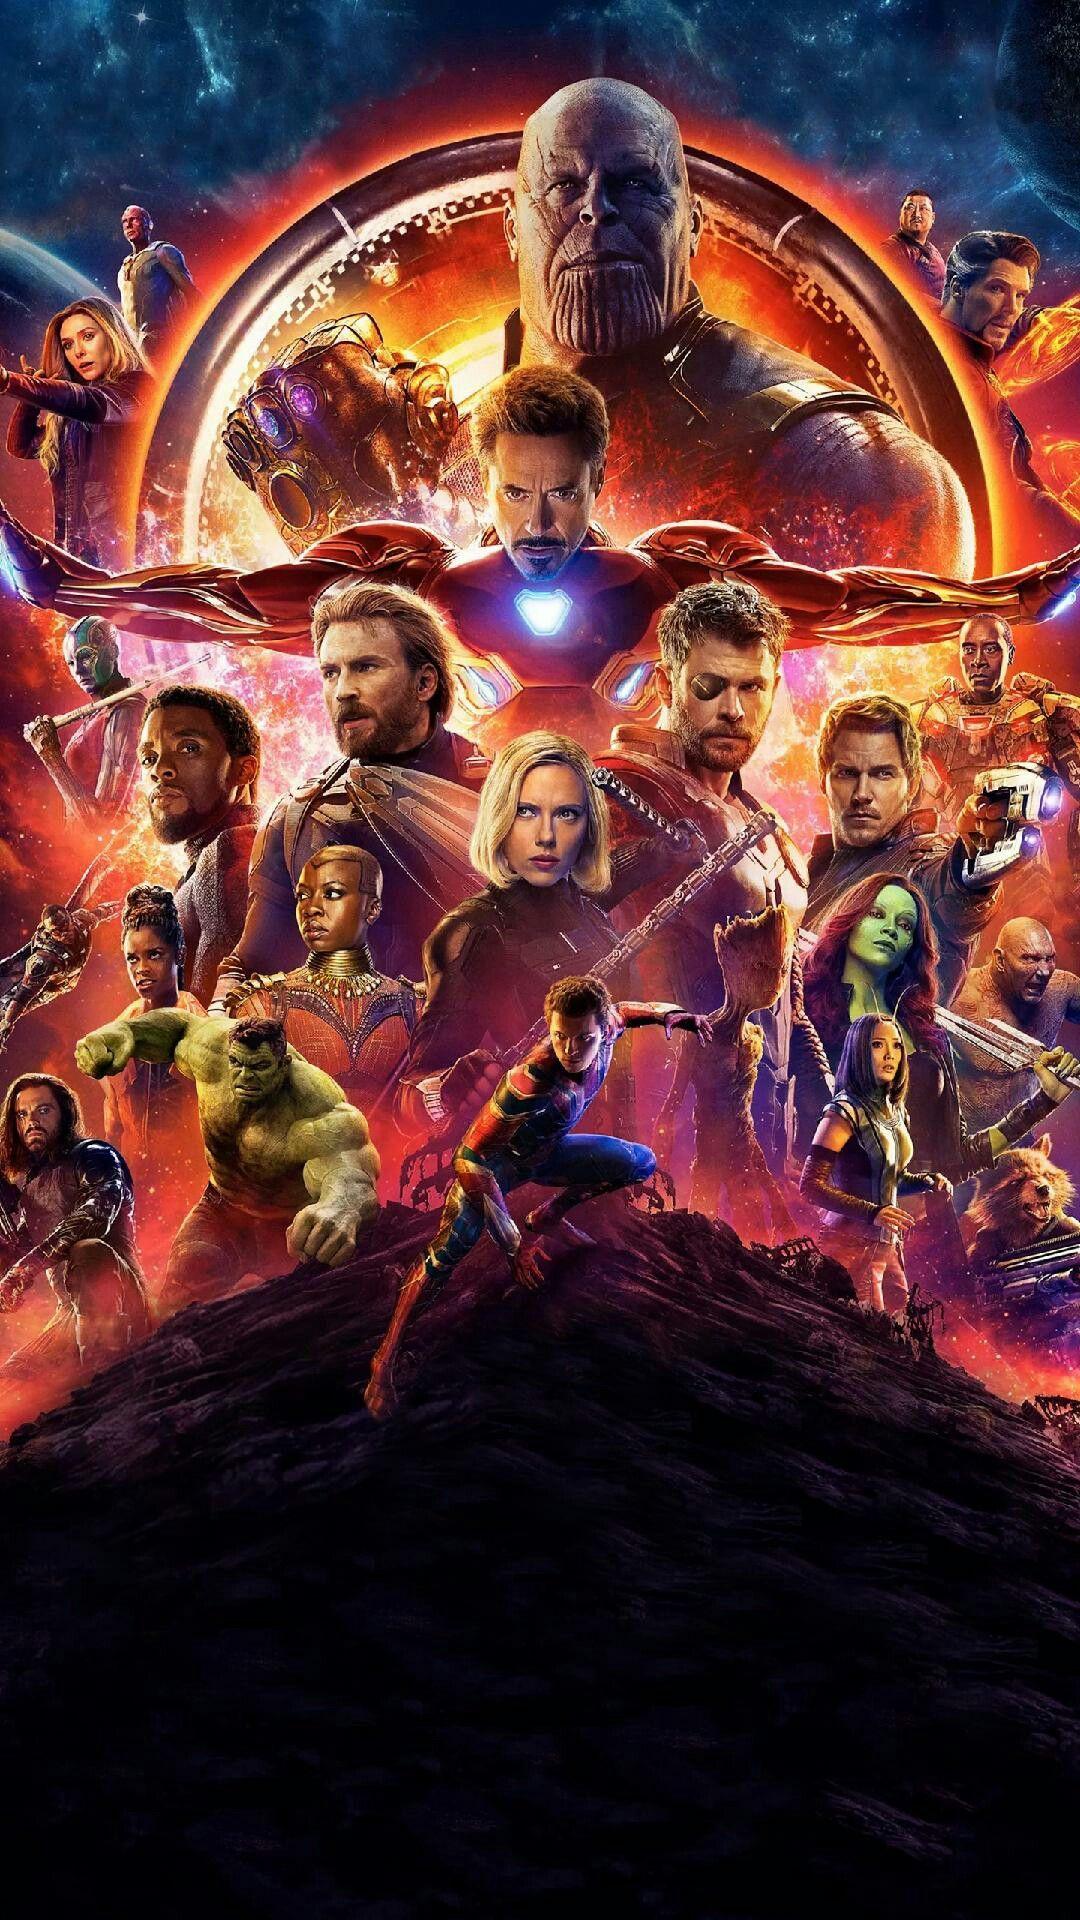 Sigueme Oswaldo Briones Infinity War Com Imagens Filme Os